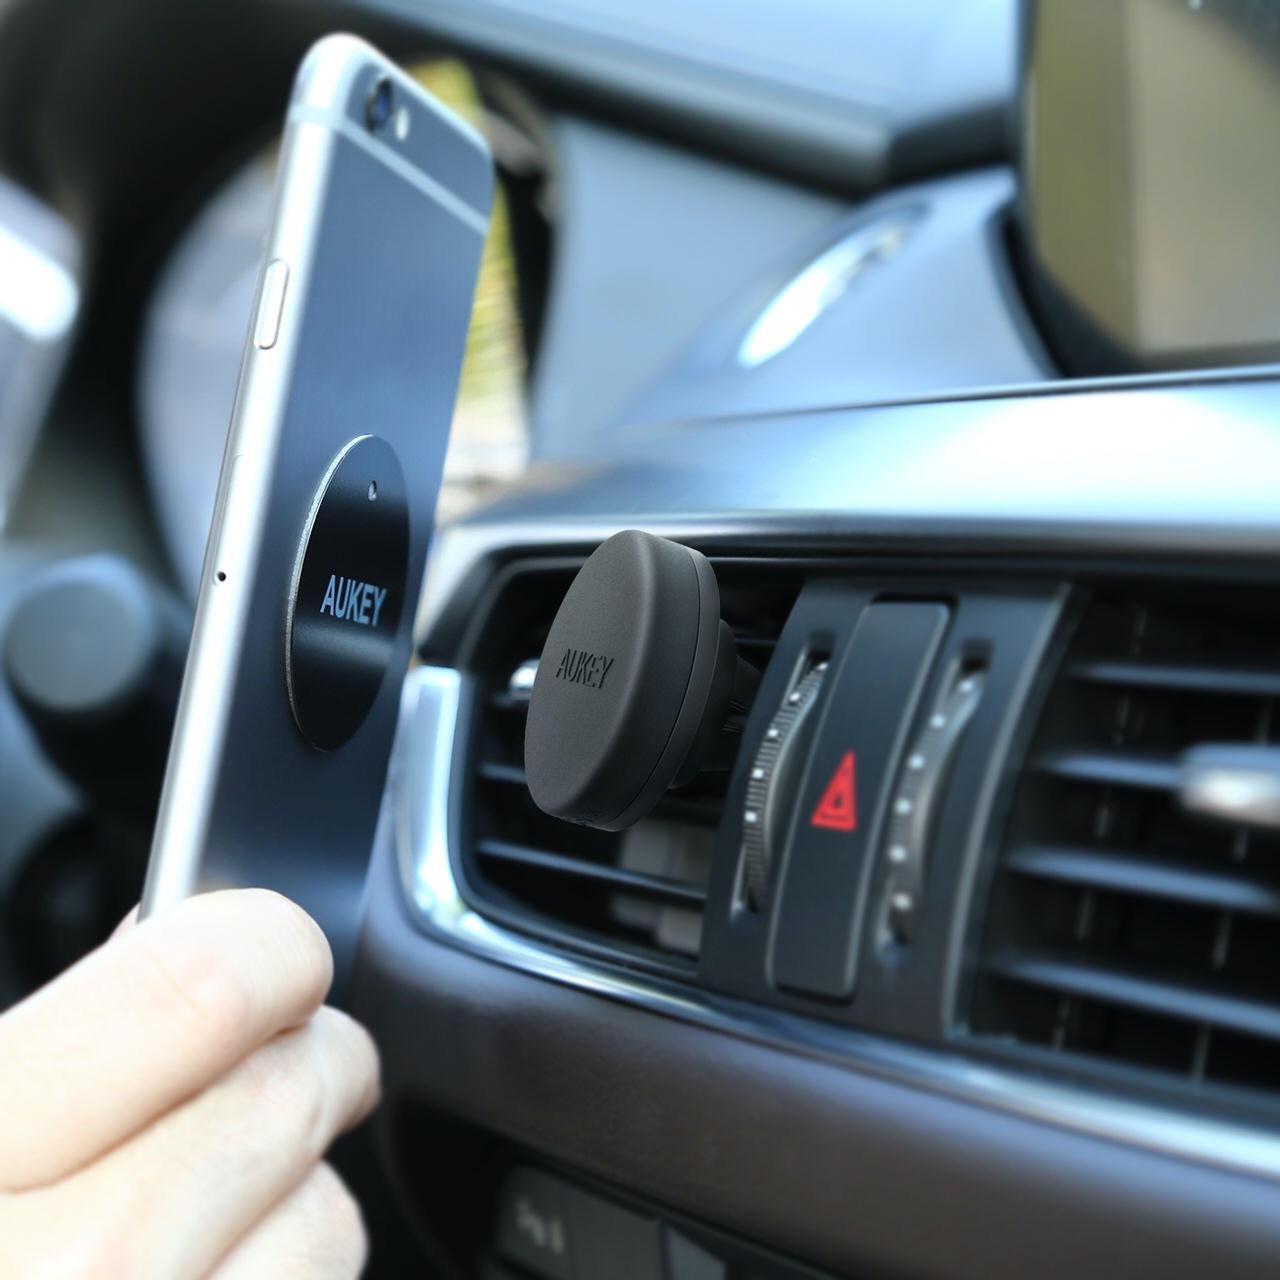 AUKEY、マグネット式&取り付けが簡単なスマホ車載ホルダー「HD-C5」Amazonで22%オフの699円